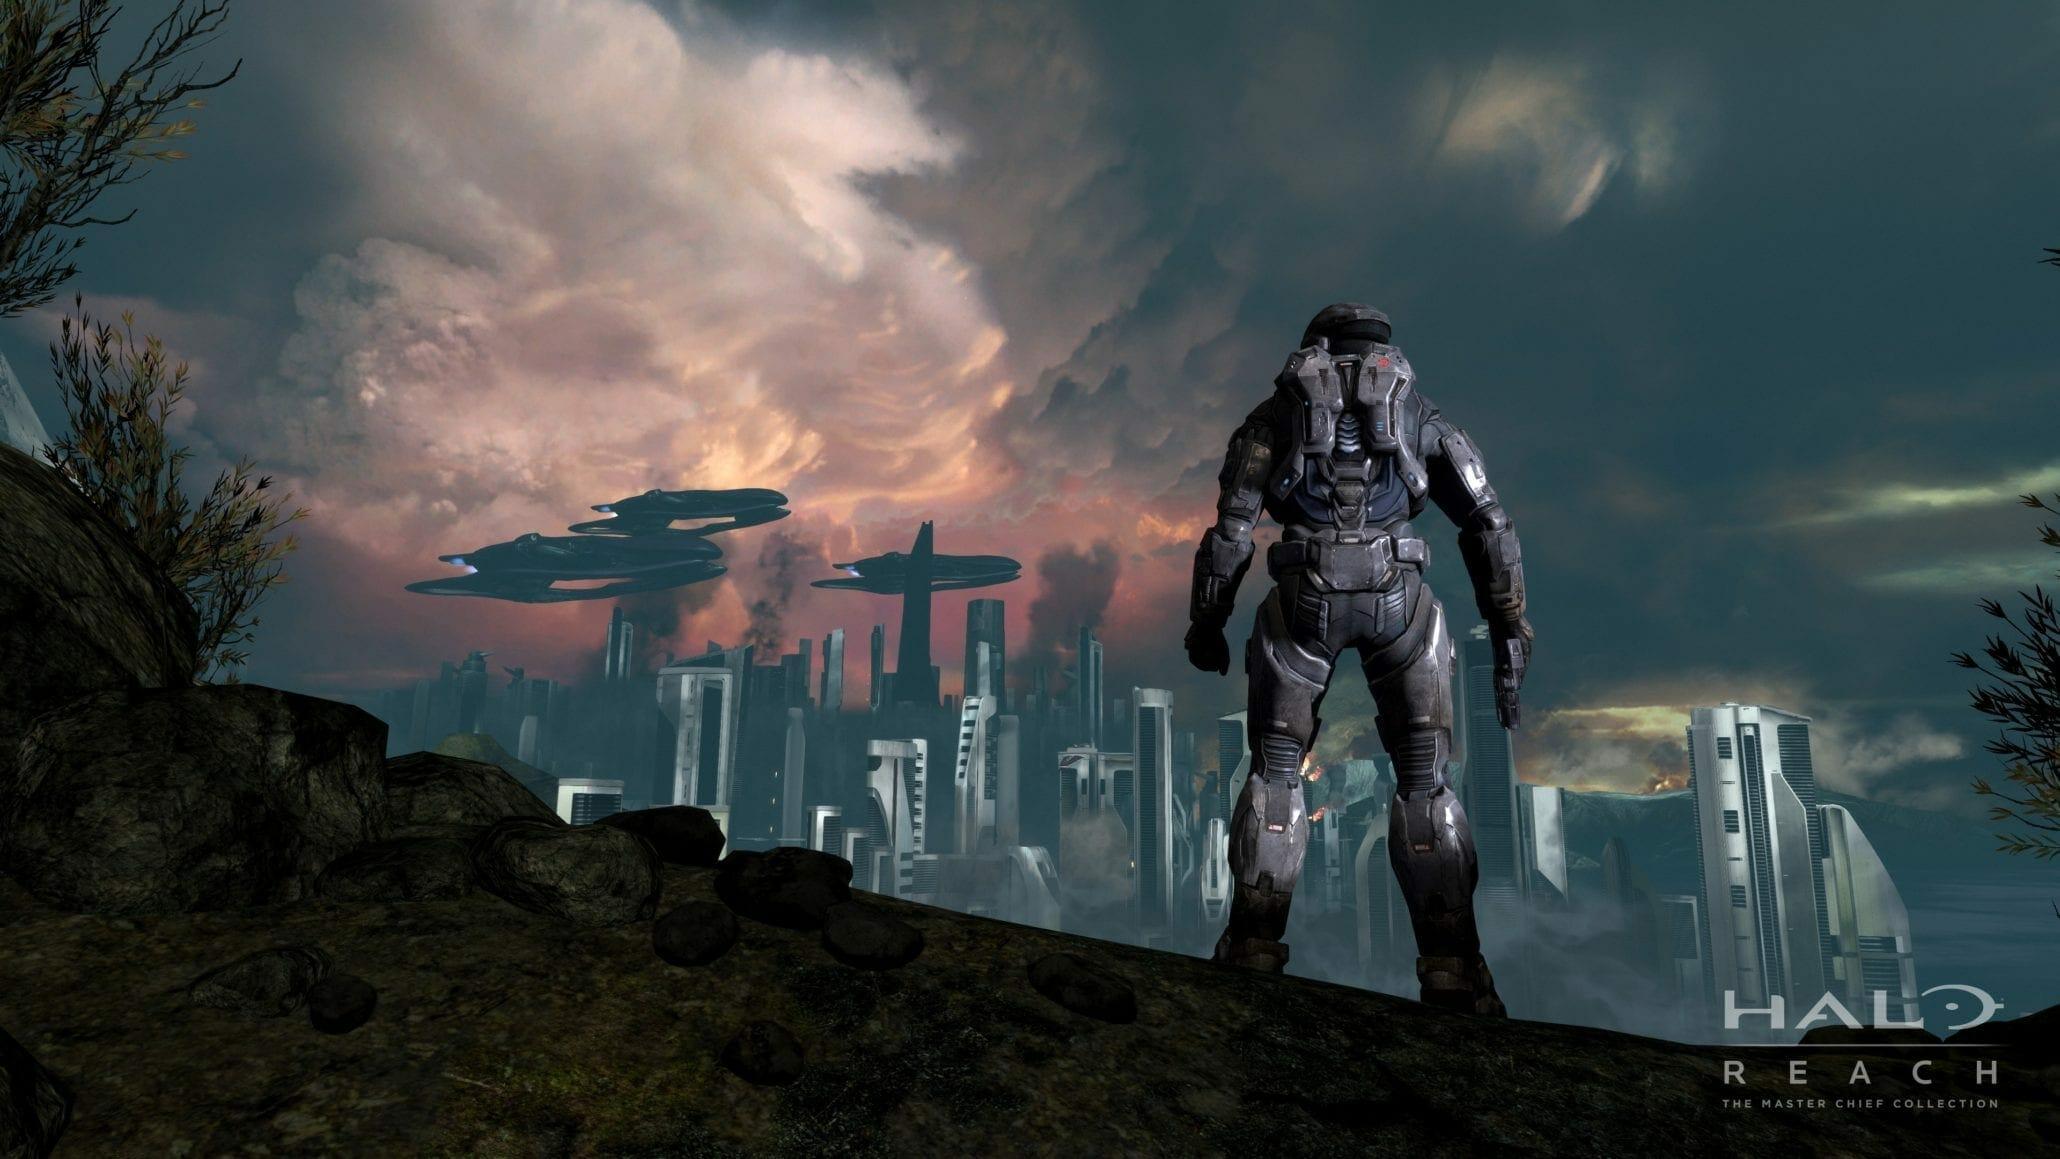 fix Halo Reach not launching